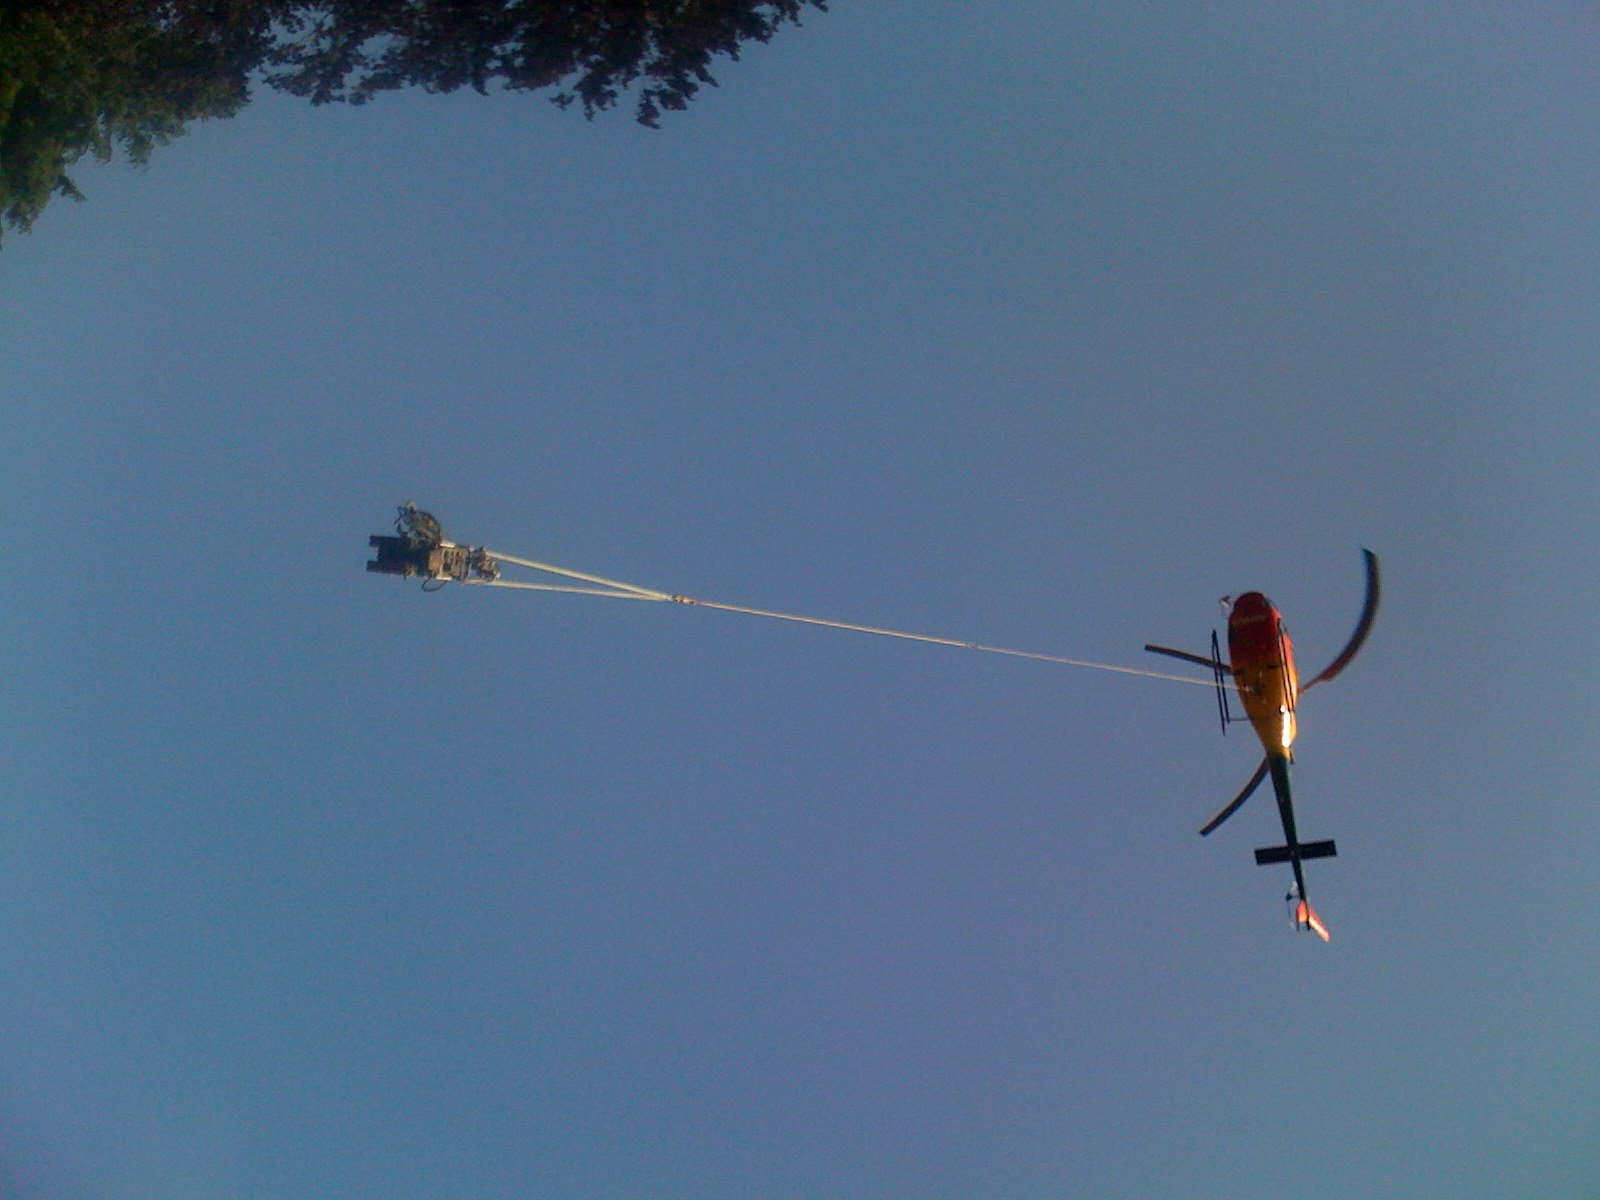 Elicottero in volo trasporta un macchinario